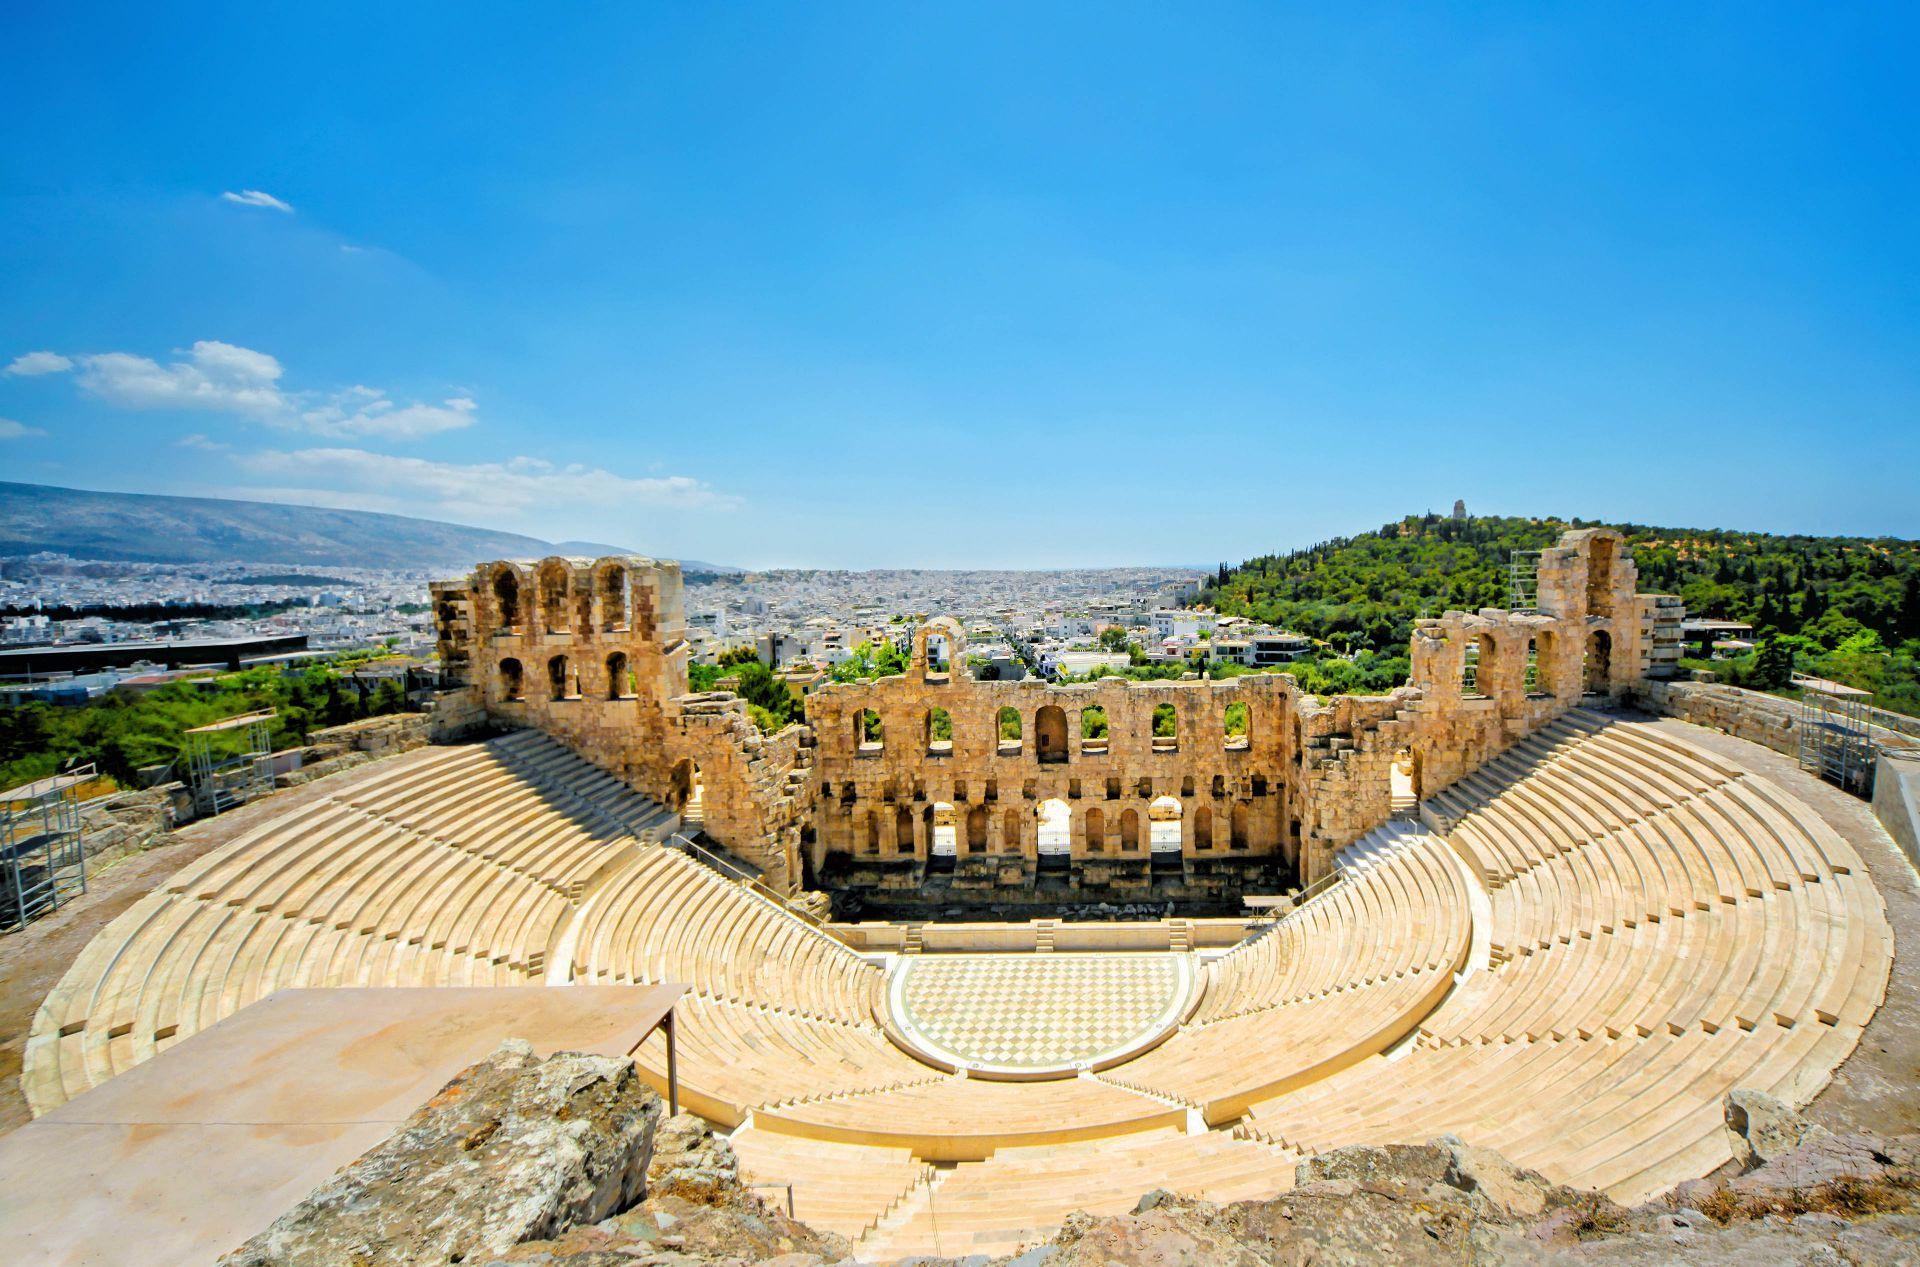 Attica: The theatre of Herodes Atticus